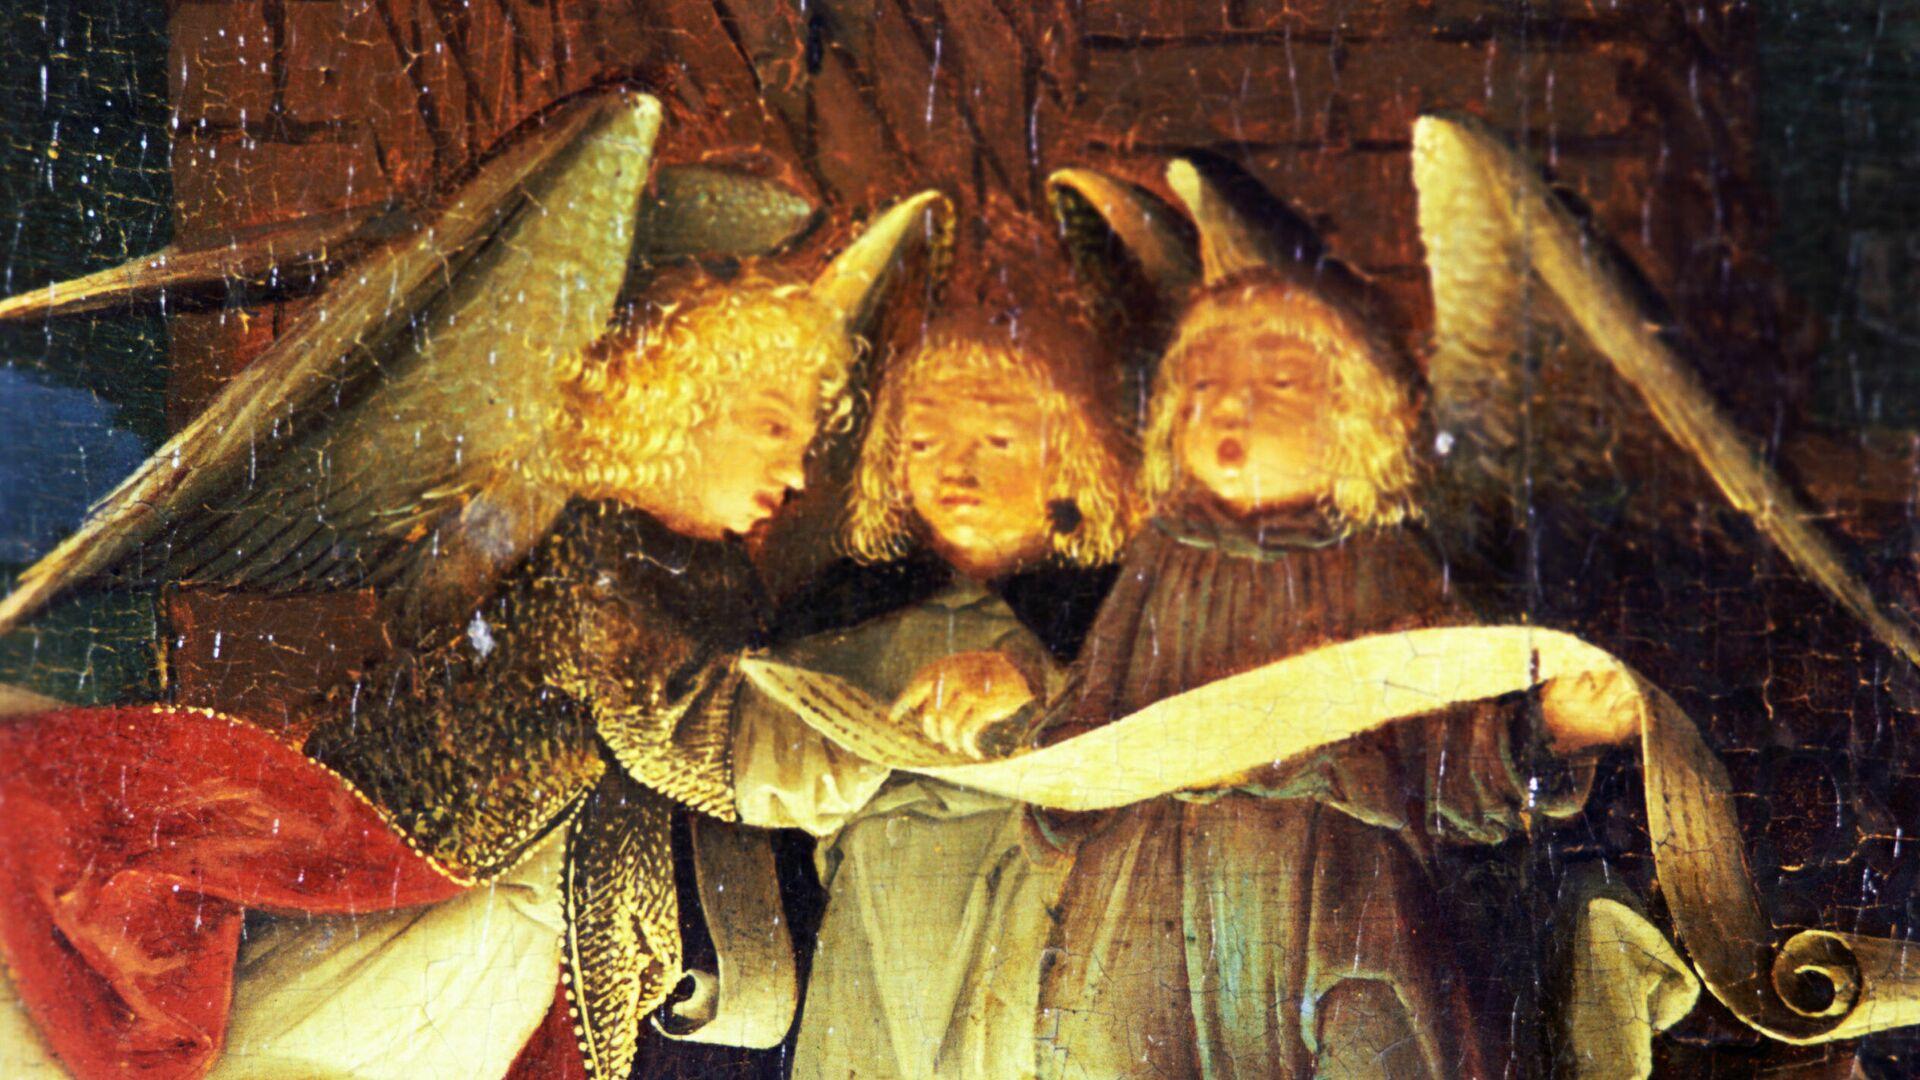 Печеный поросенок и елка с пастилой: что ели в старину на Рождество - РИА Новости, 1920, 31.12.2020